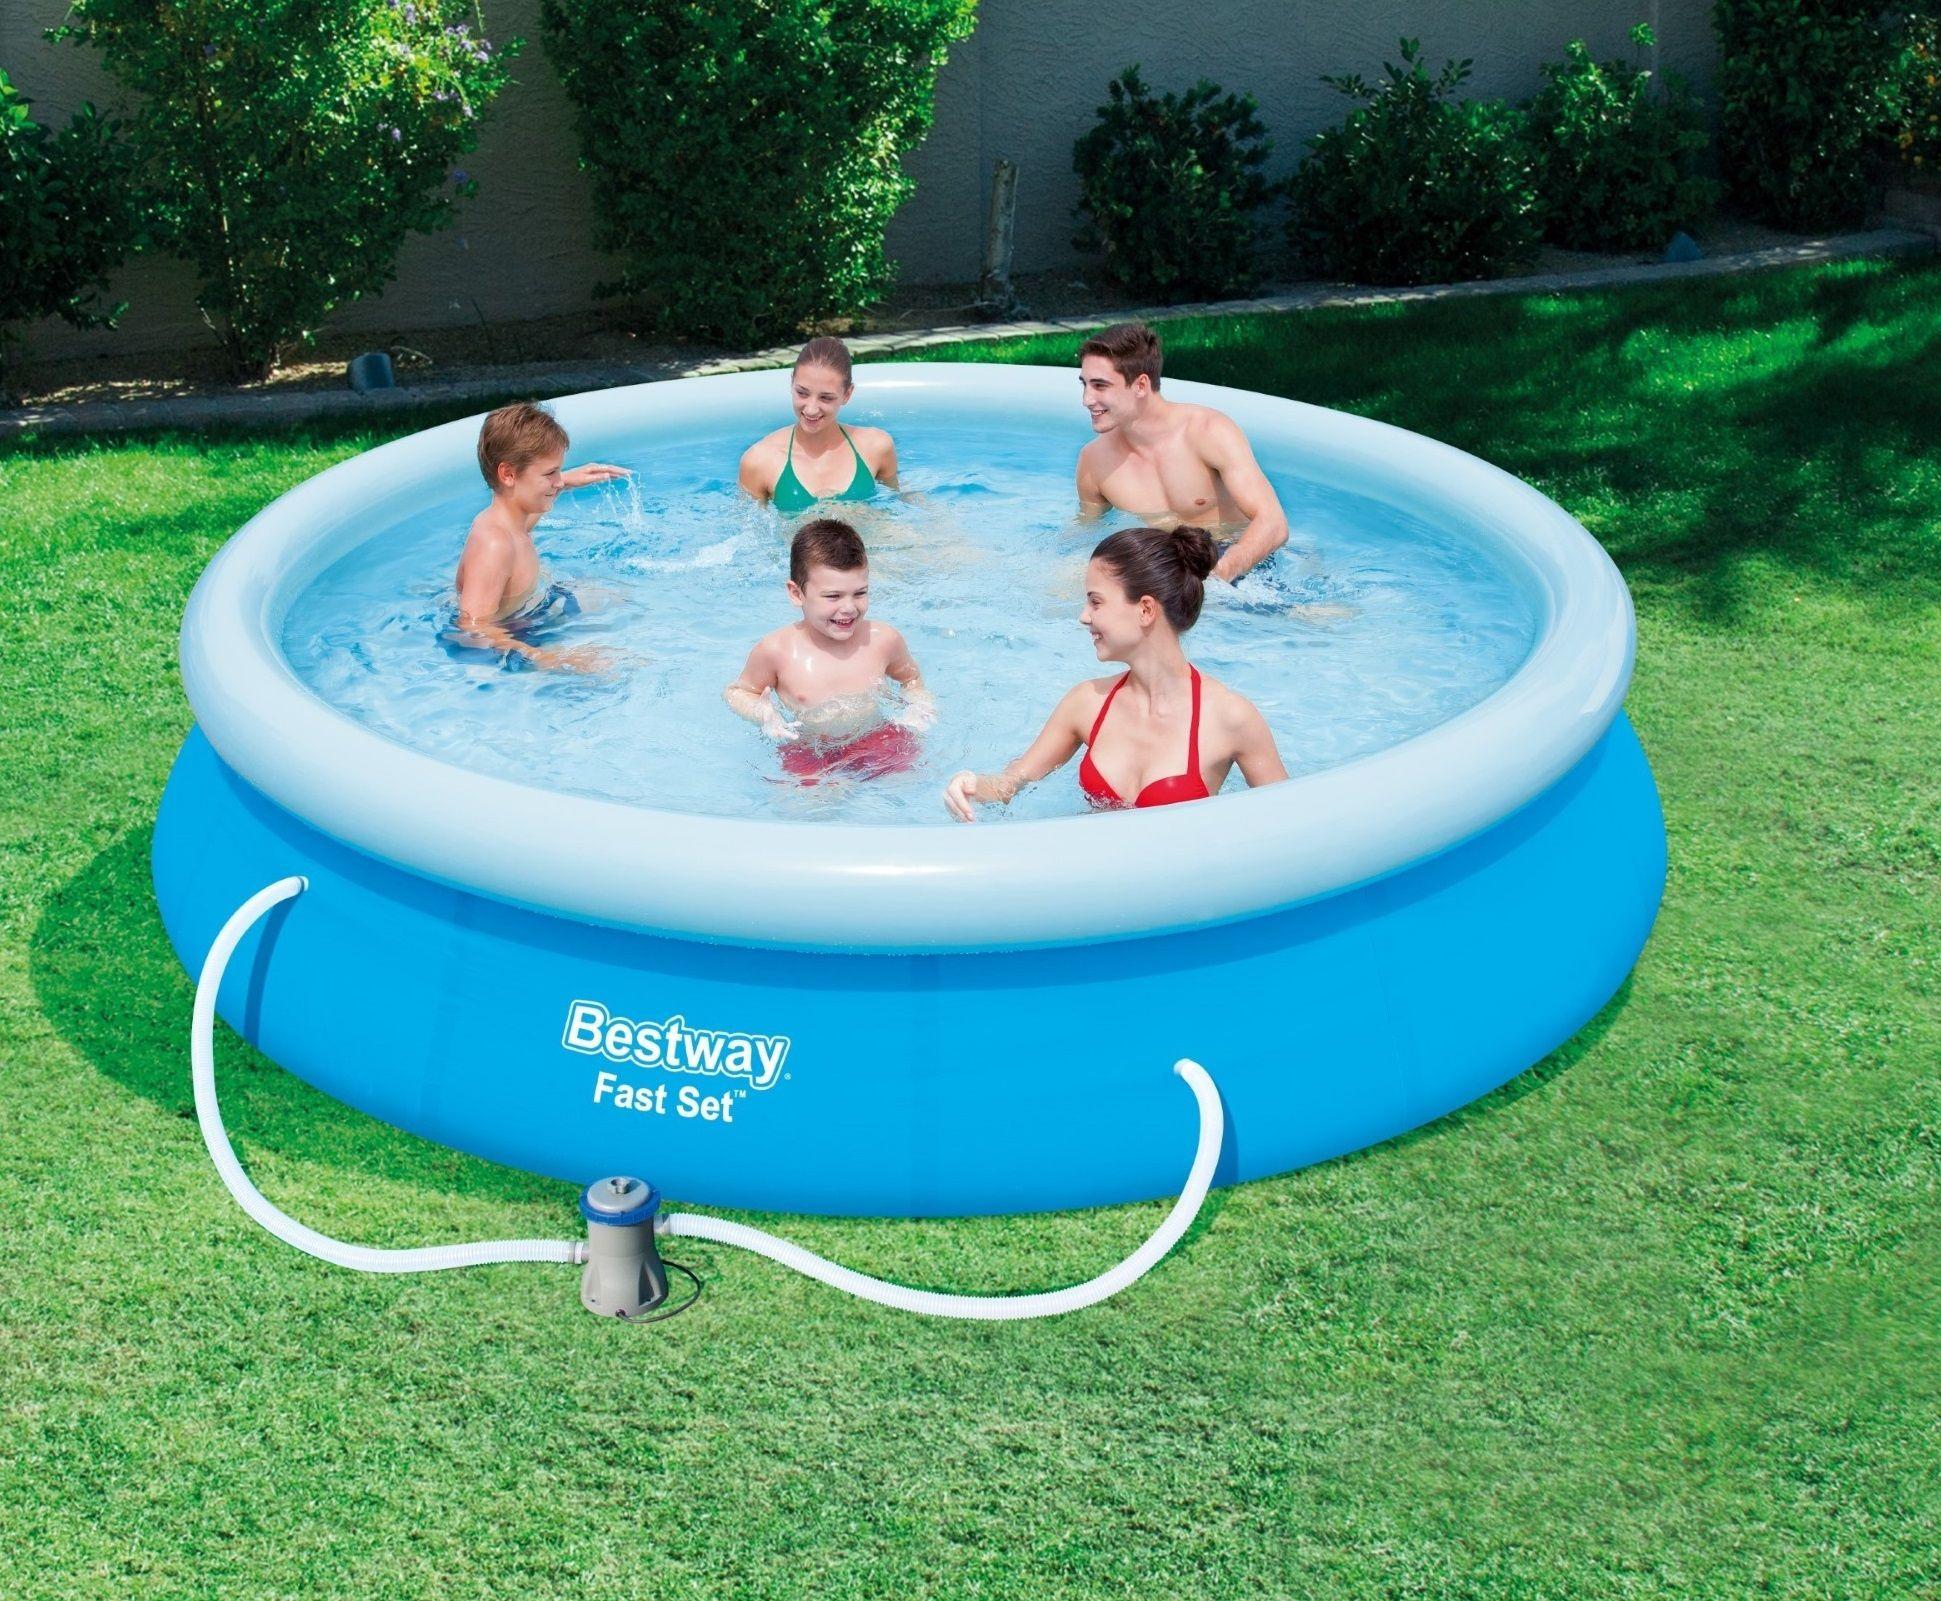 Zwembad Bestway fast set rond 305cm met filterpomp